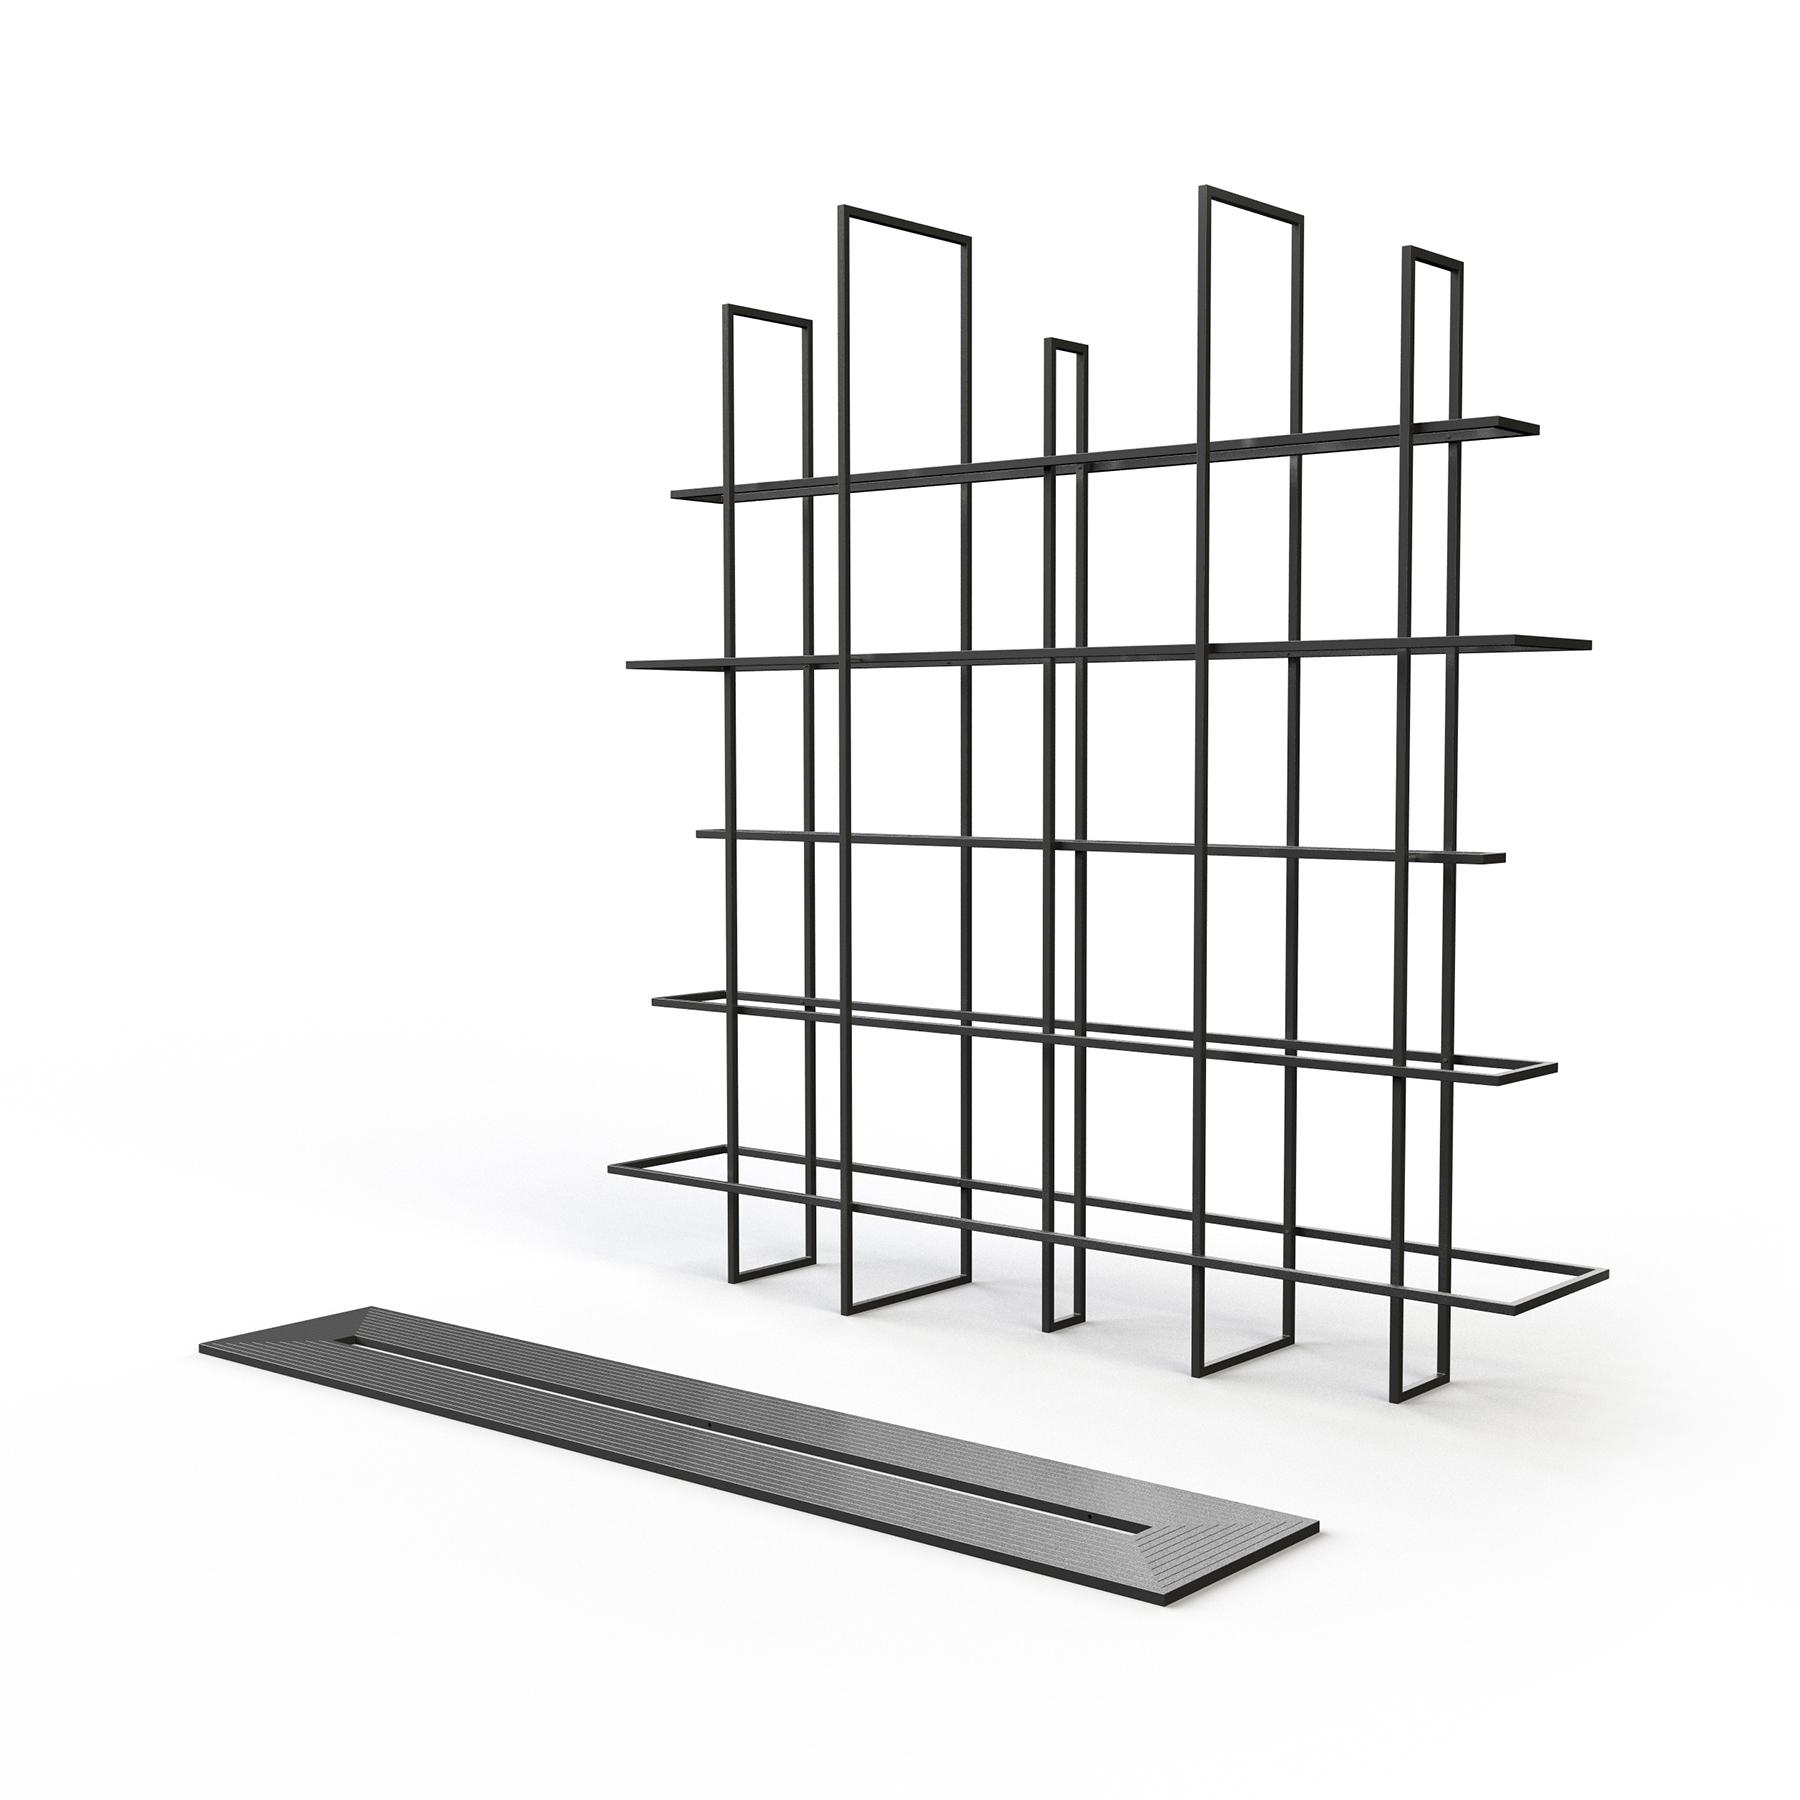 Frames 2.5 + pakket